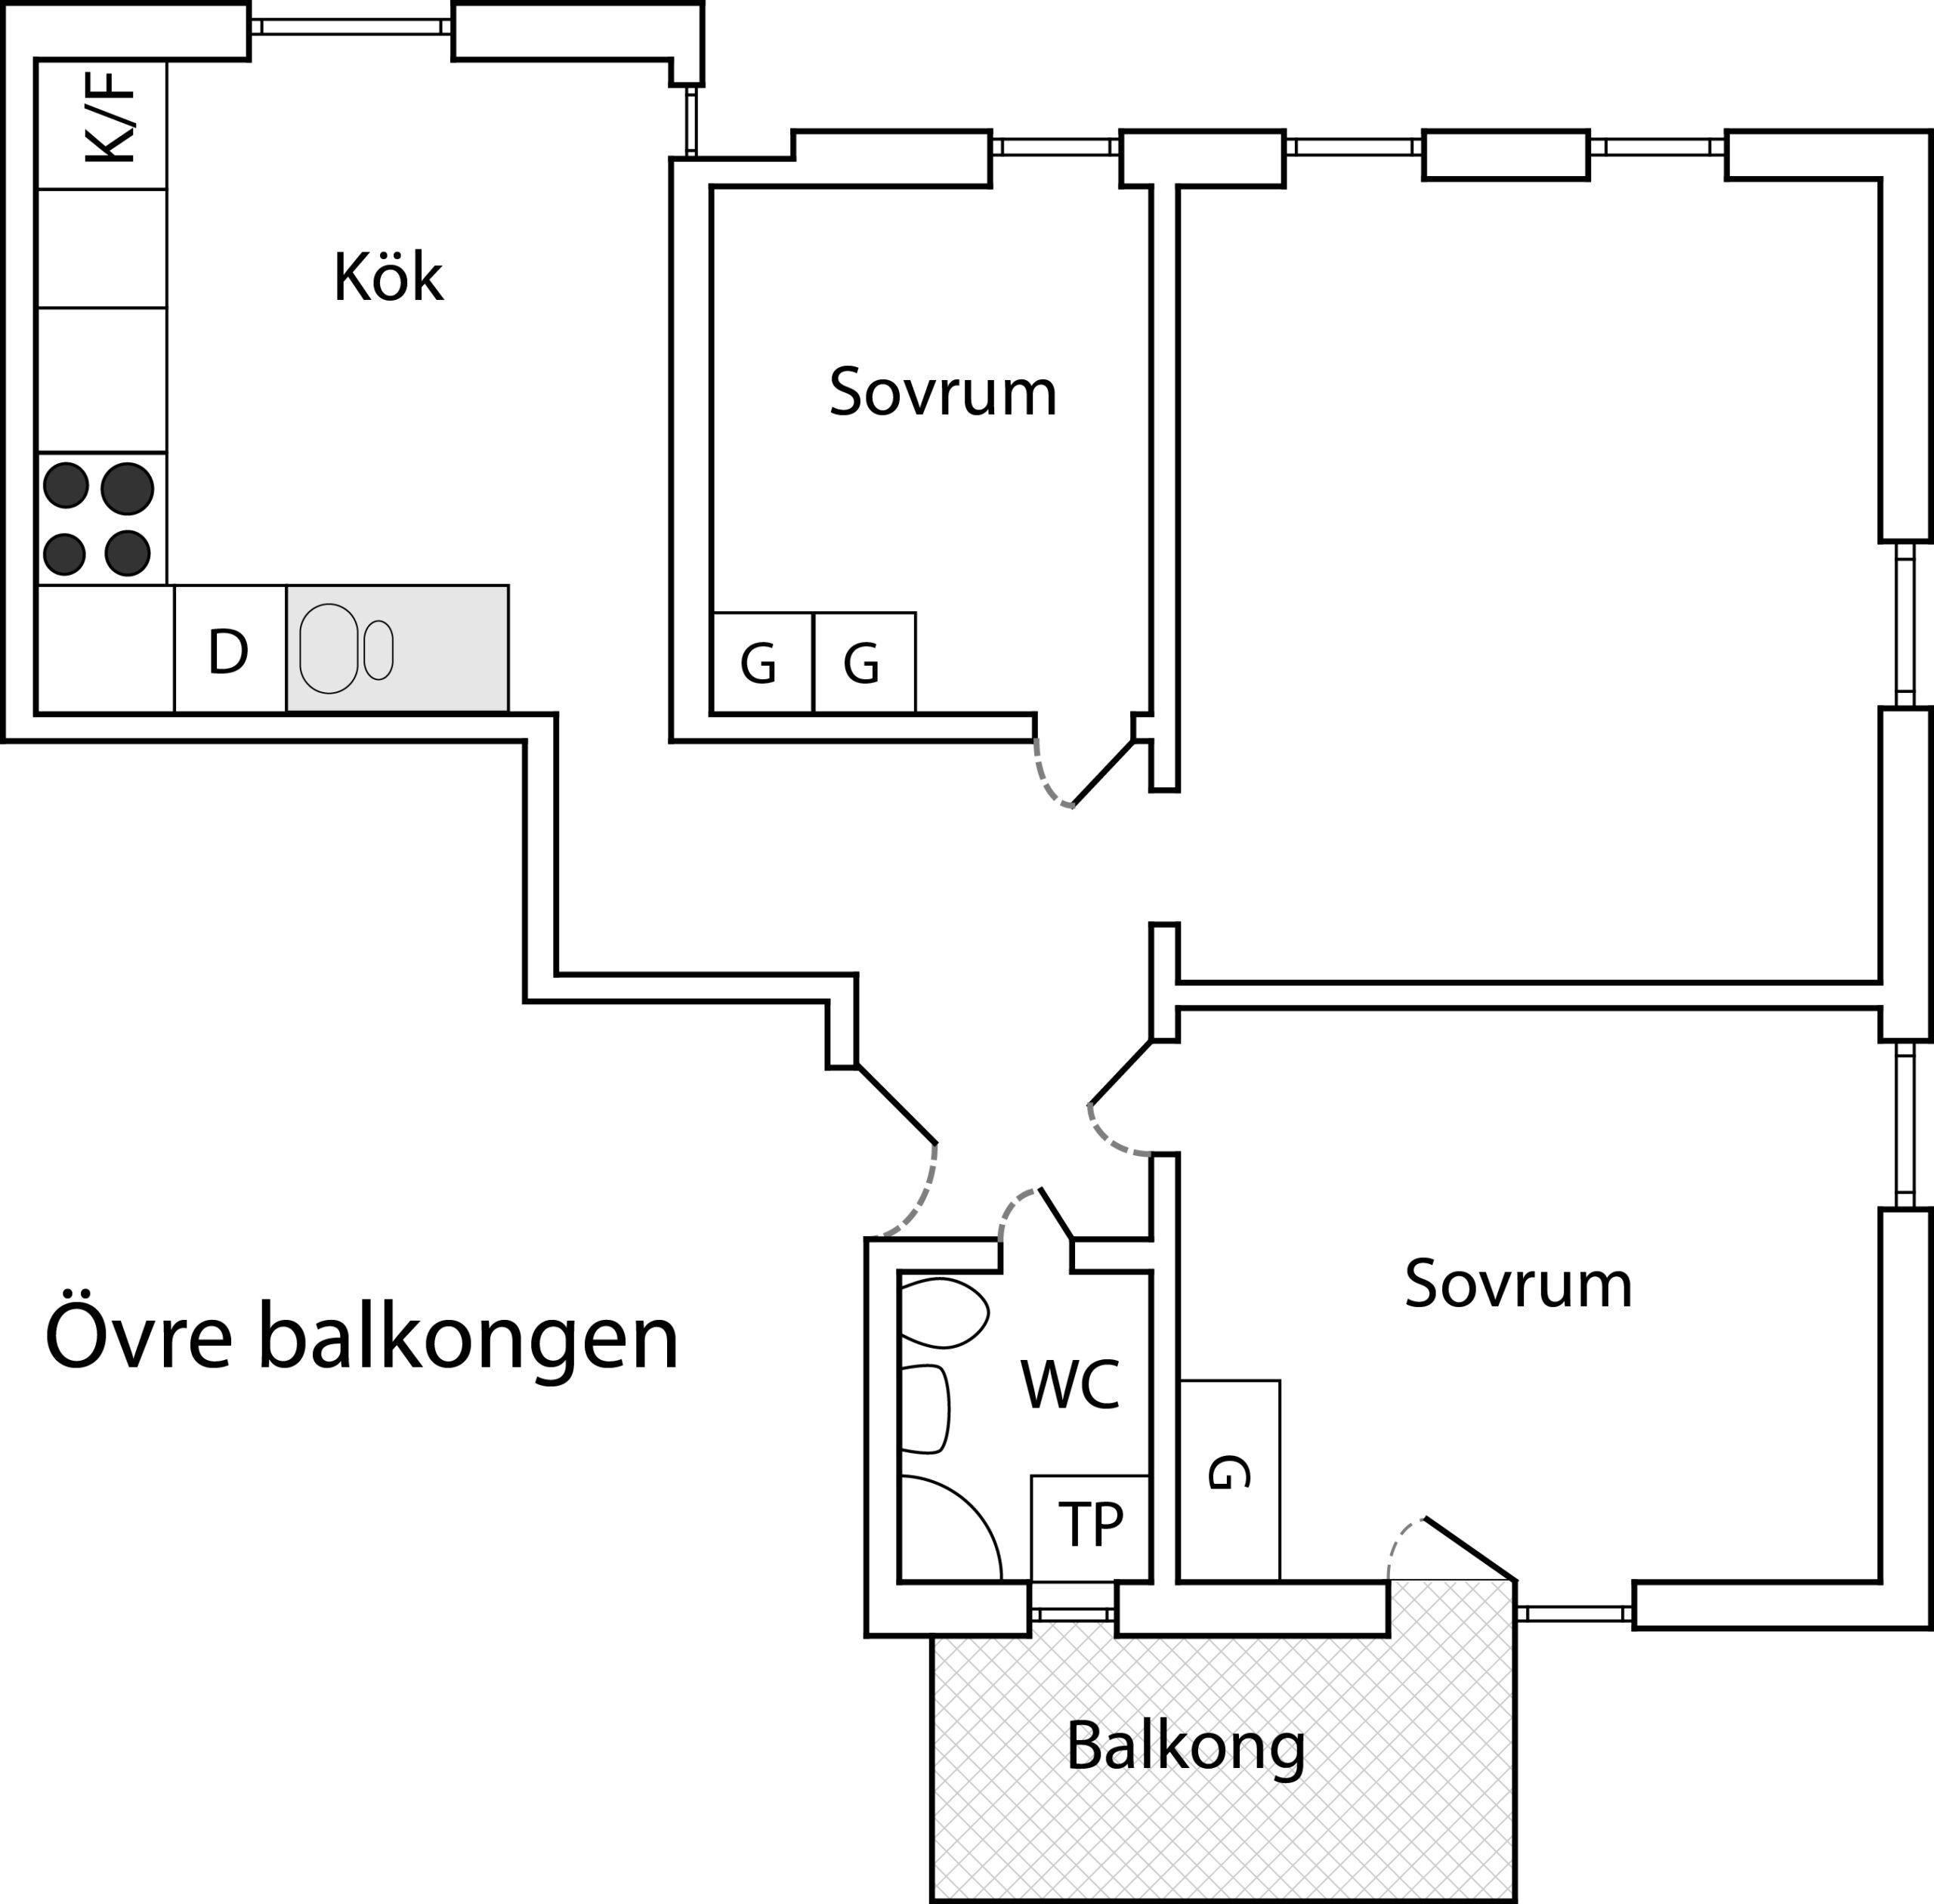 Lägenhetsskiss